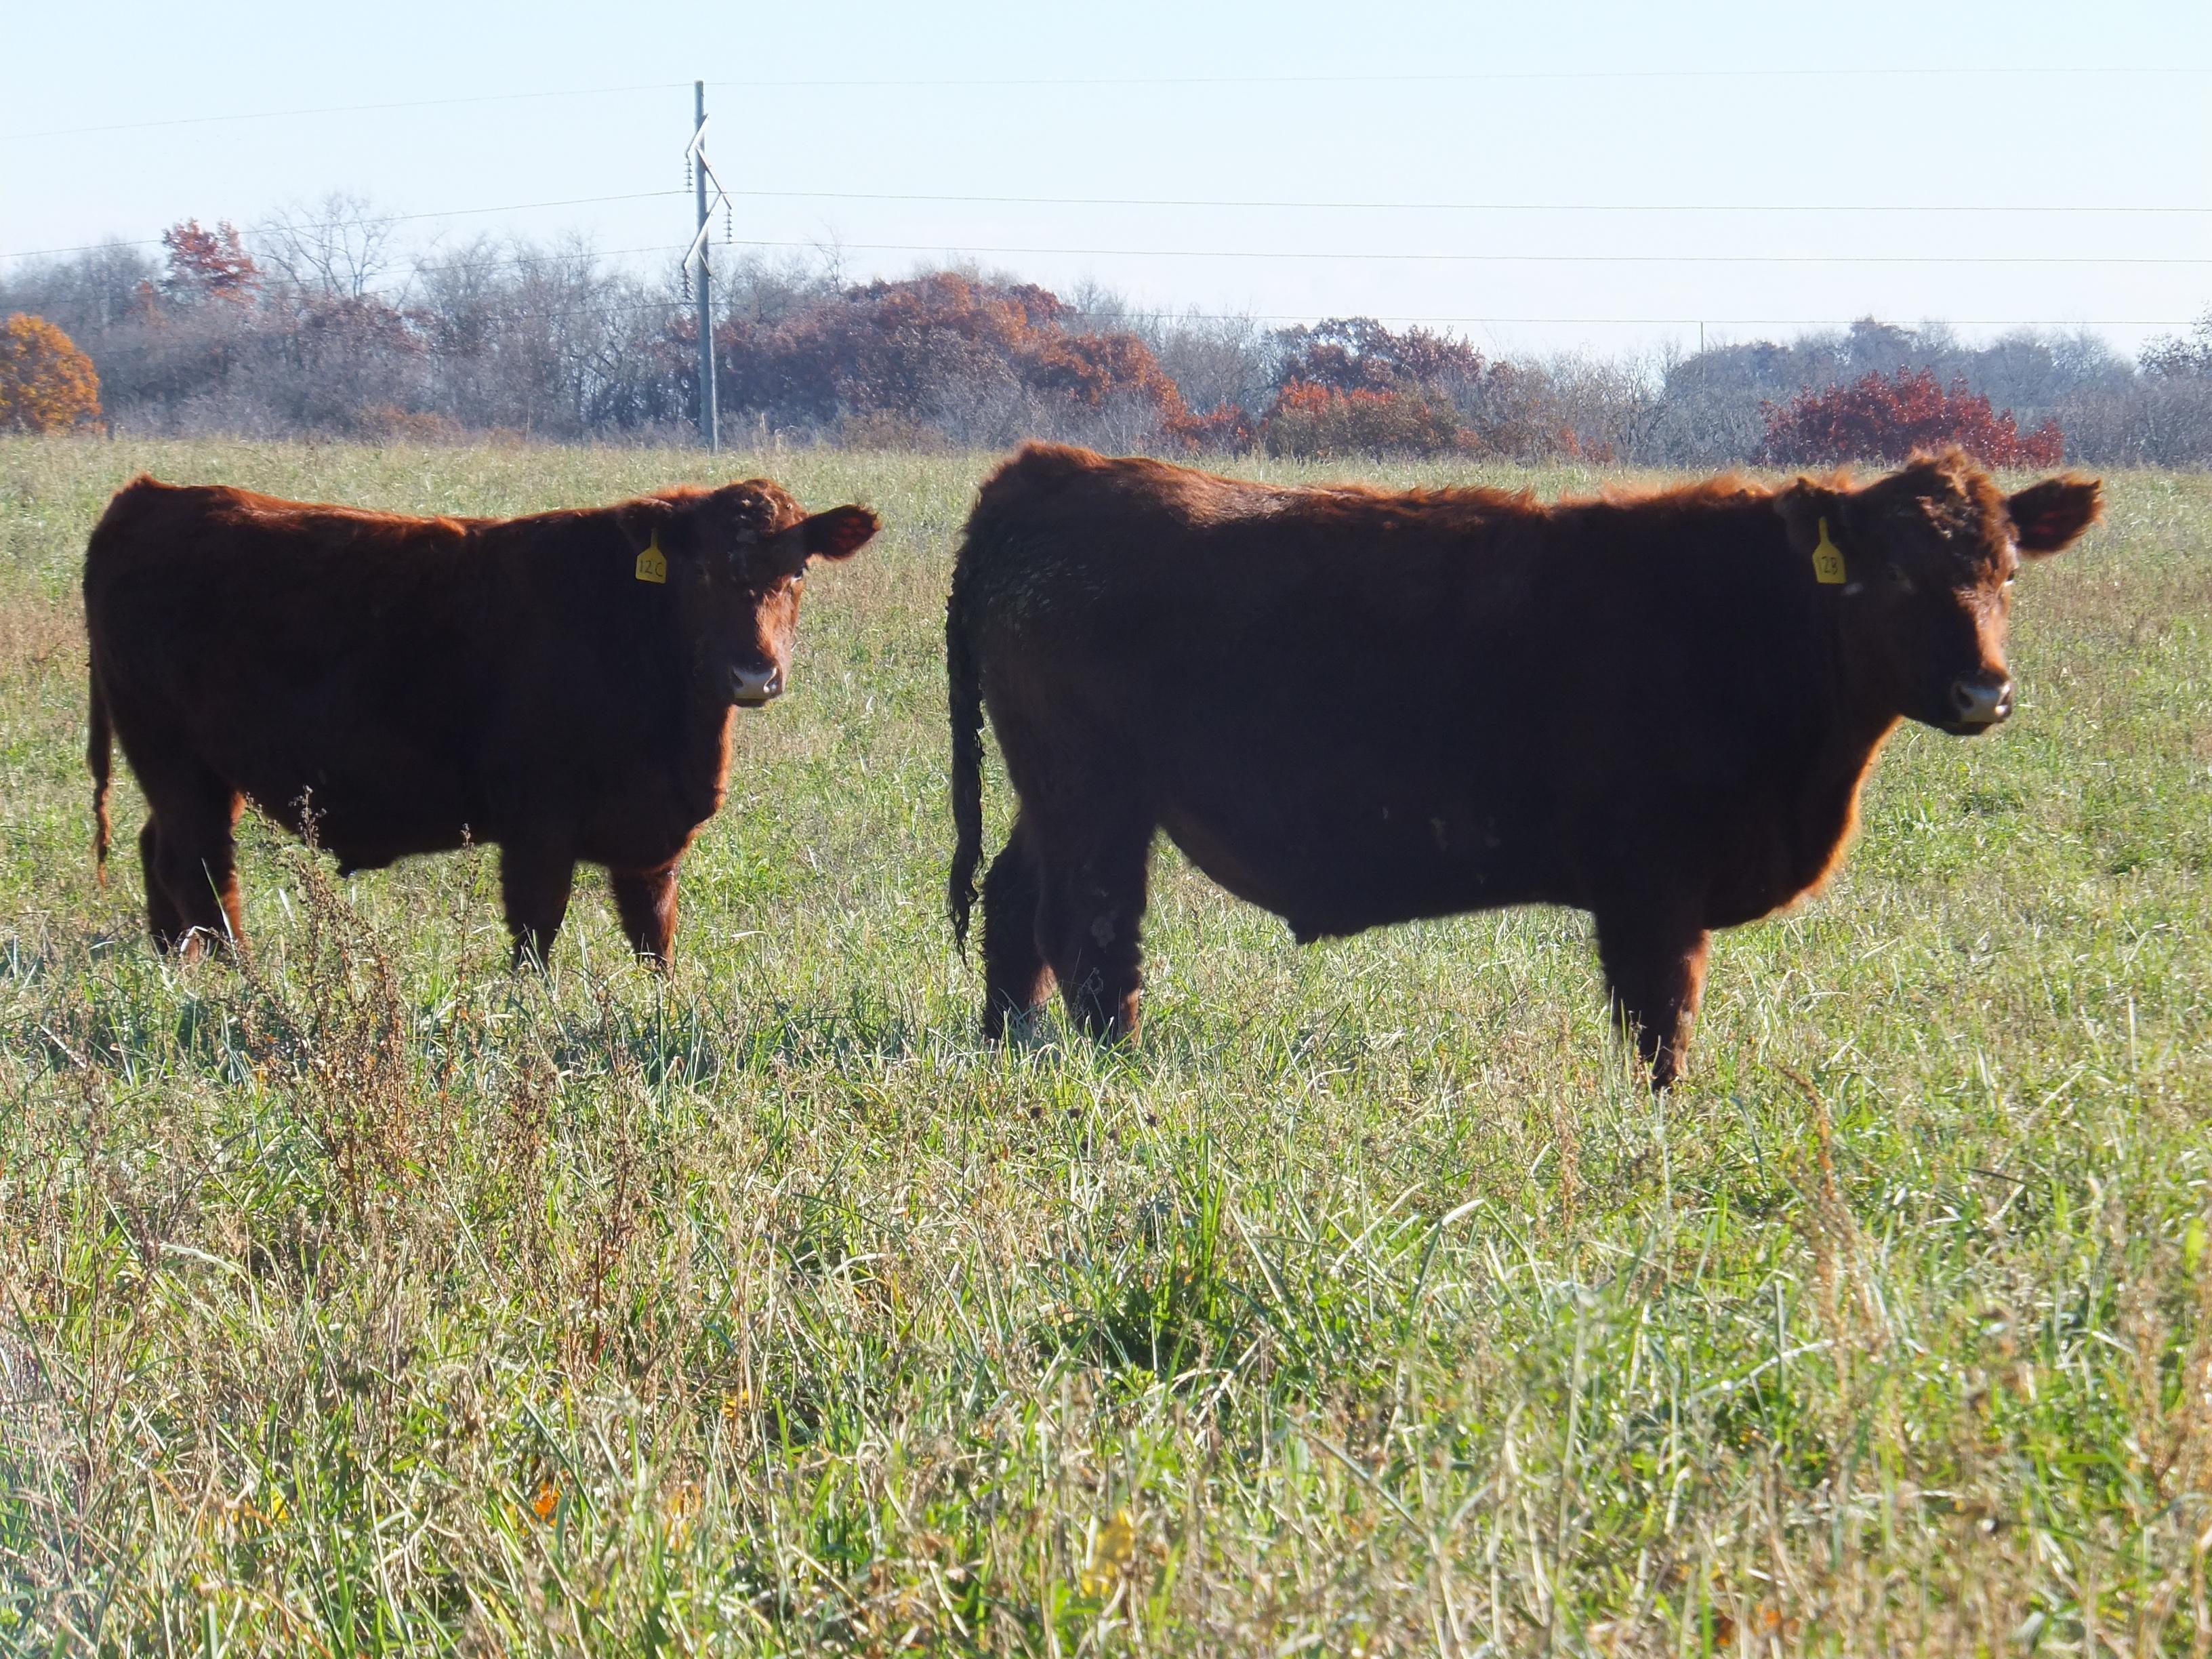 feeders grain tag feeder farm cattle forge hog bulk elkhorn